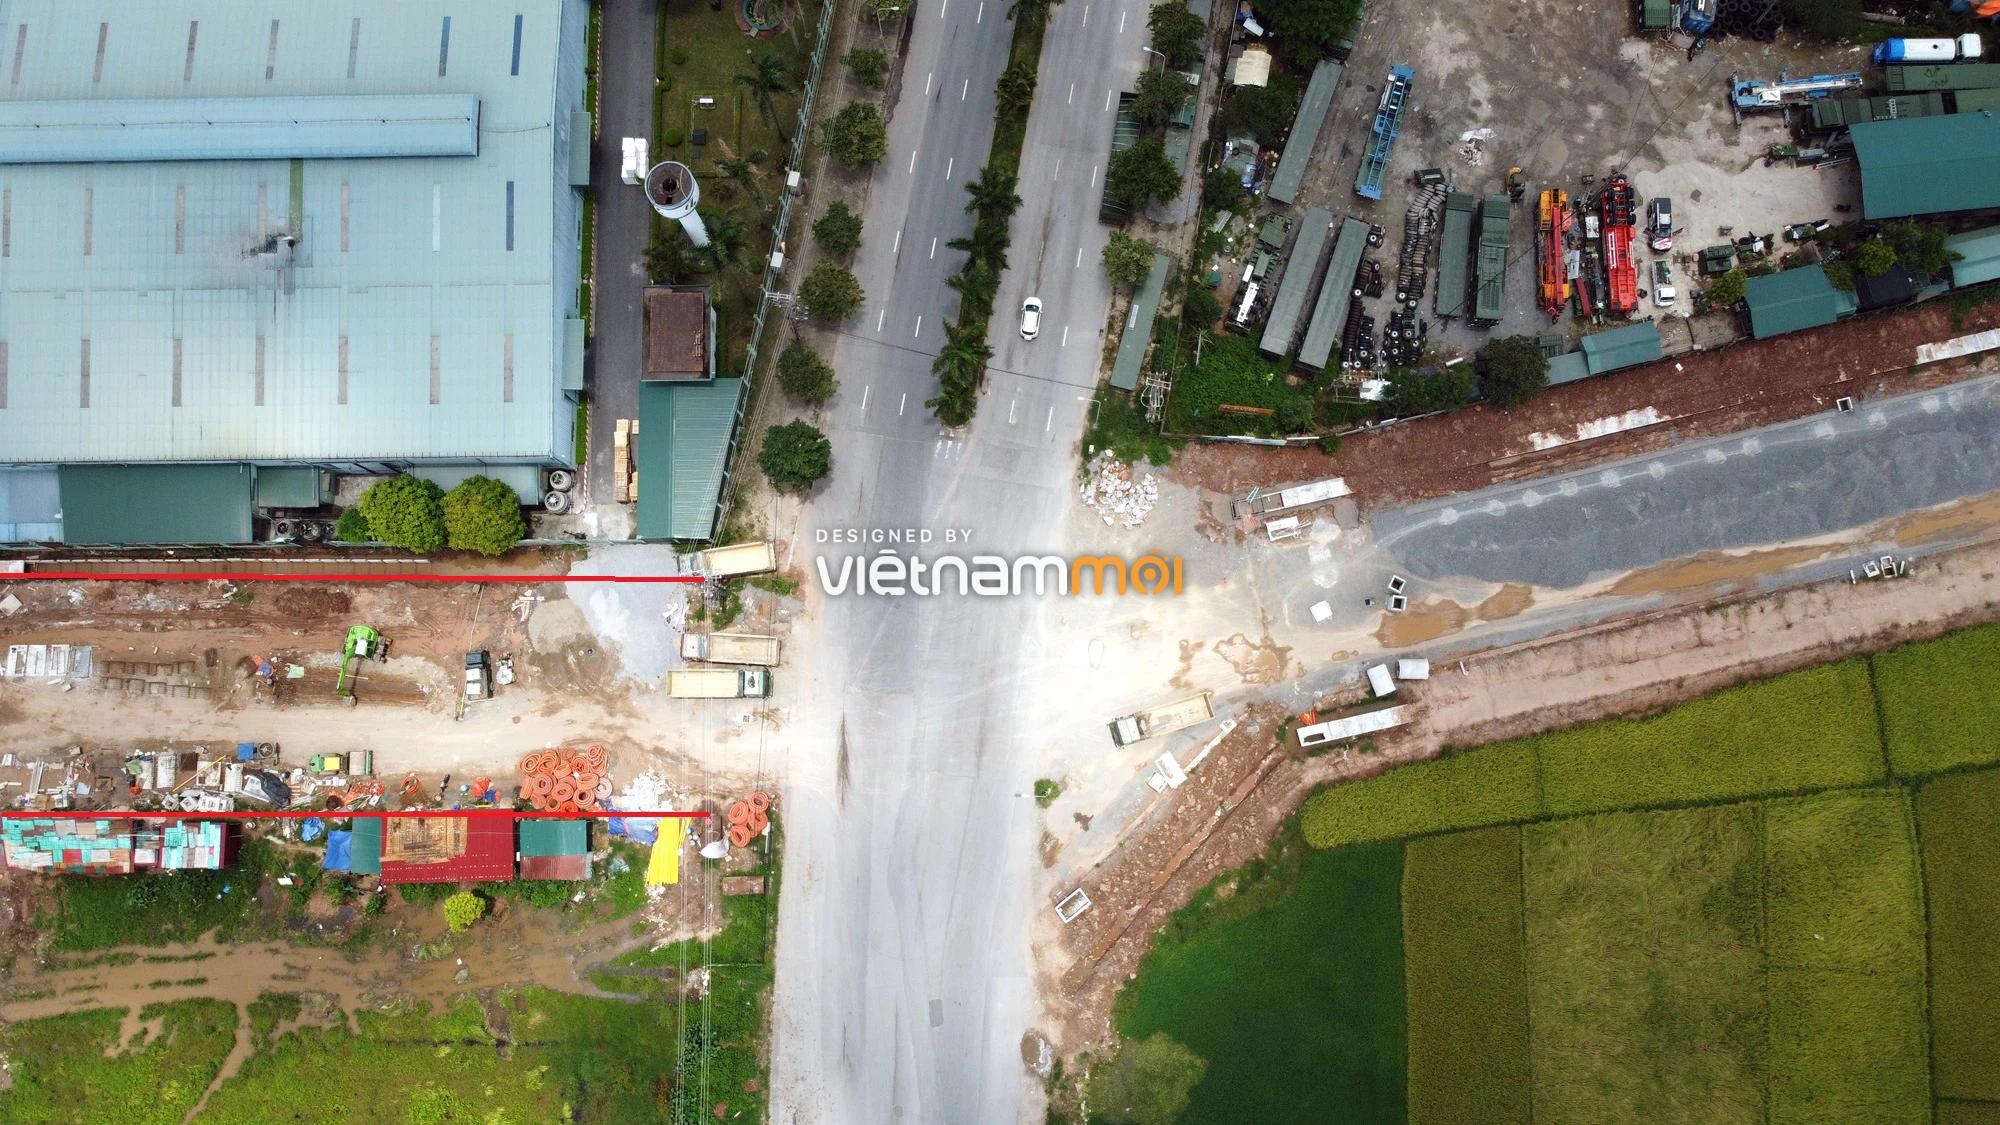 Toàn cảnh tuyến đường từ KĐT Đặng Xá đến Ỷ Lan đang mở theo quy hoạch ở Hà Nội - Ảnh 3.